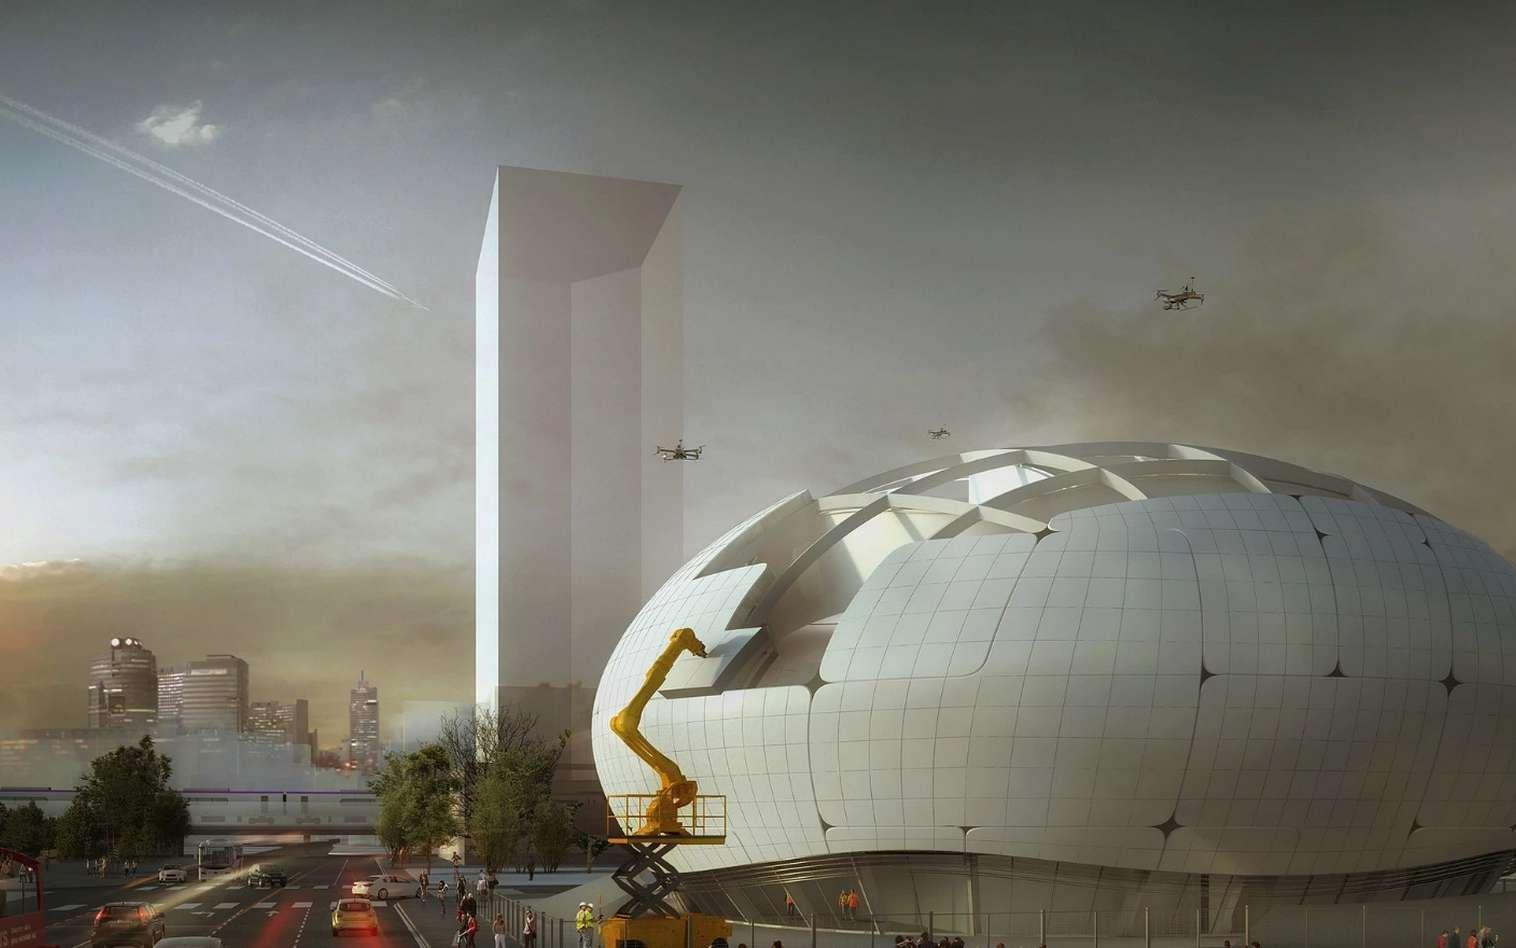 Un rendu du futur musée de la robotique de Séoul qui sera en partie construit par des robots. © Ediz Akyalçın, Melike Altinisik Architects